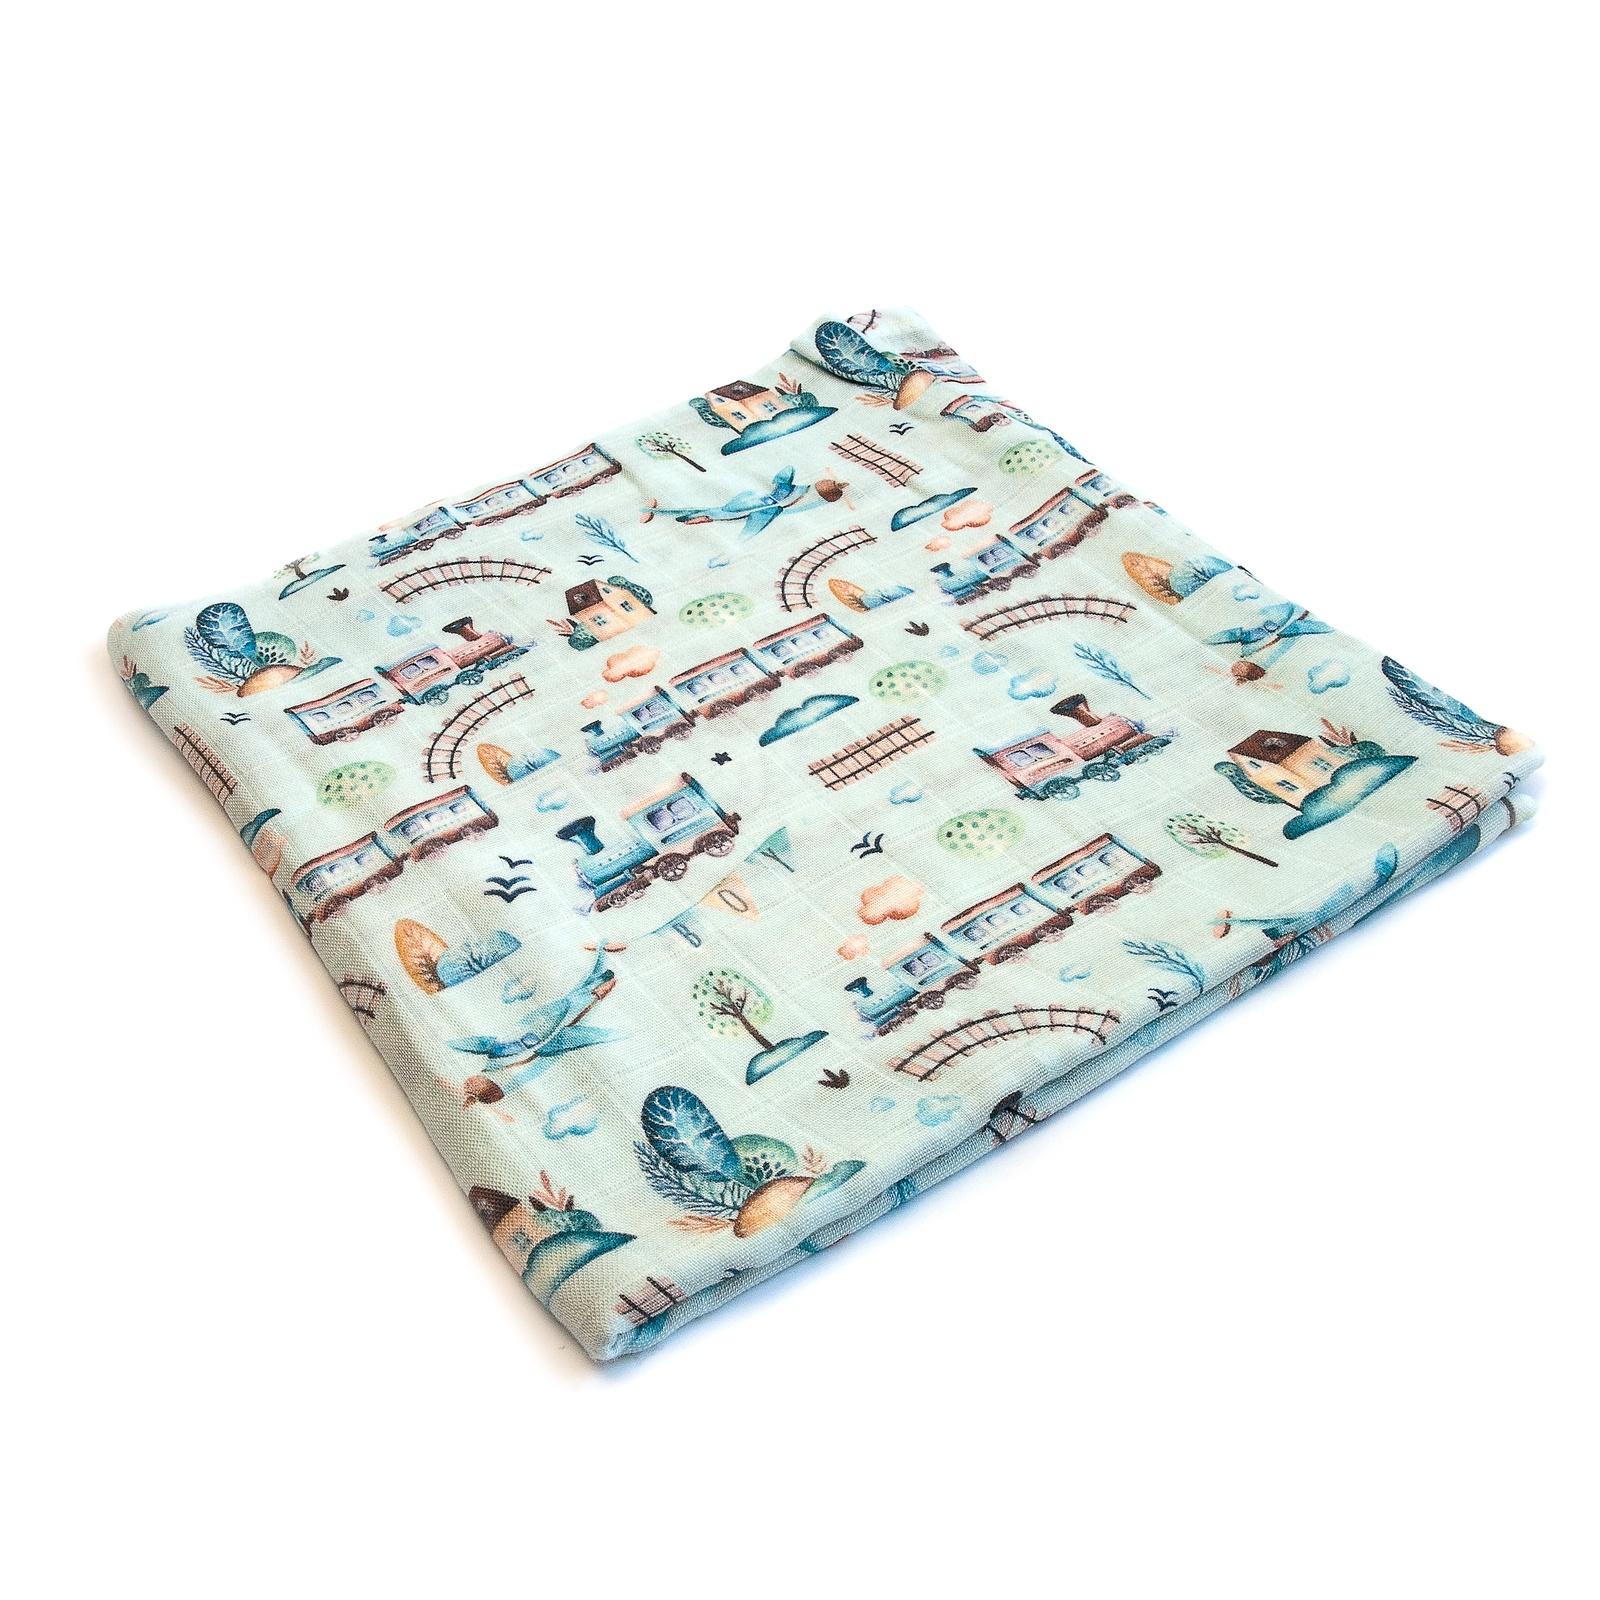 Пеленка текстильная MamSi Муслиновая пеленка Самолёты, Поезда коричневый, белый, голубой Невероятно мягкая муслиновая...